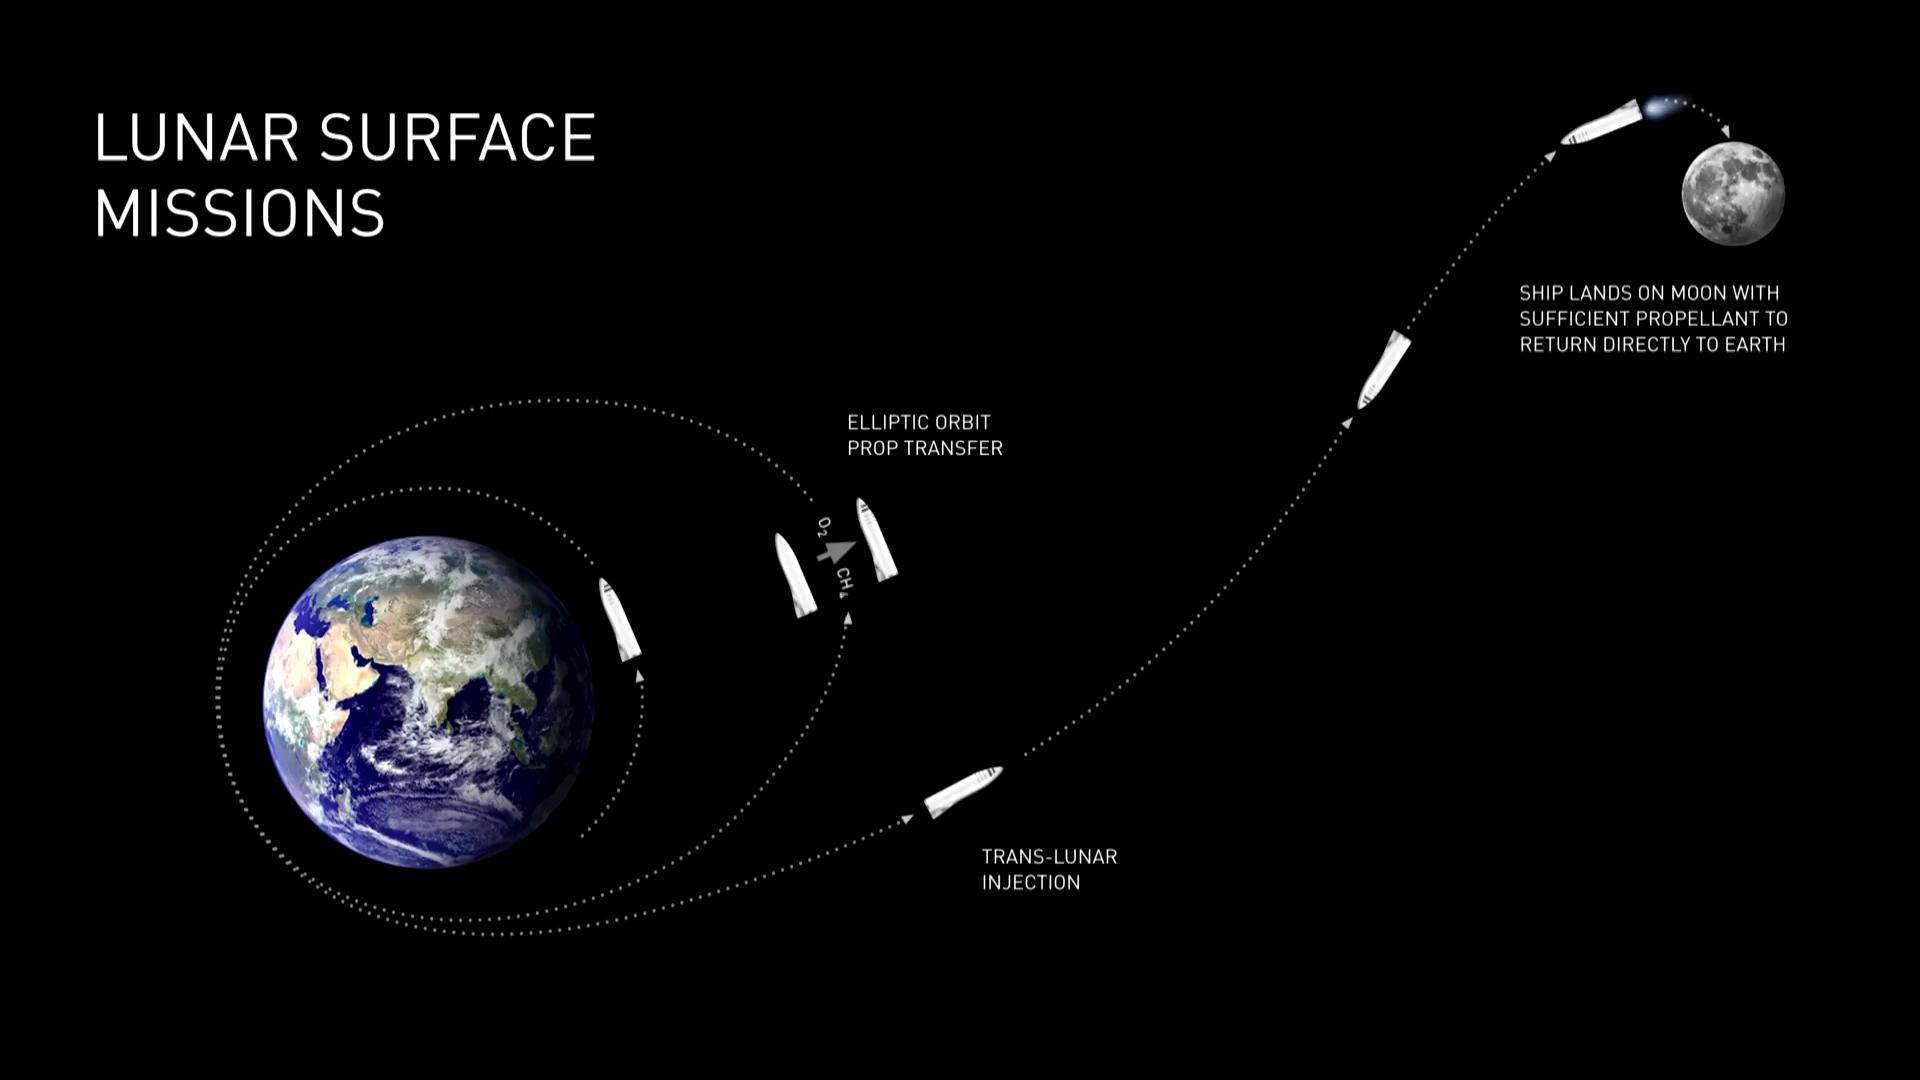 spacex lunar - photo #22